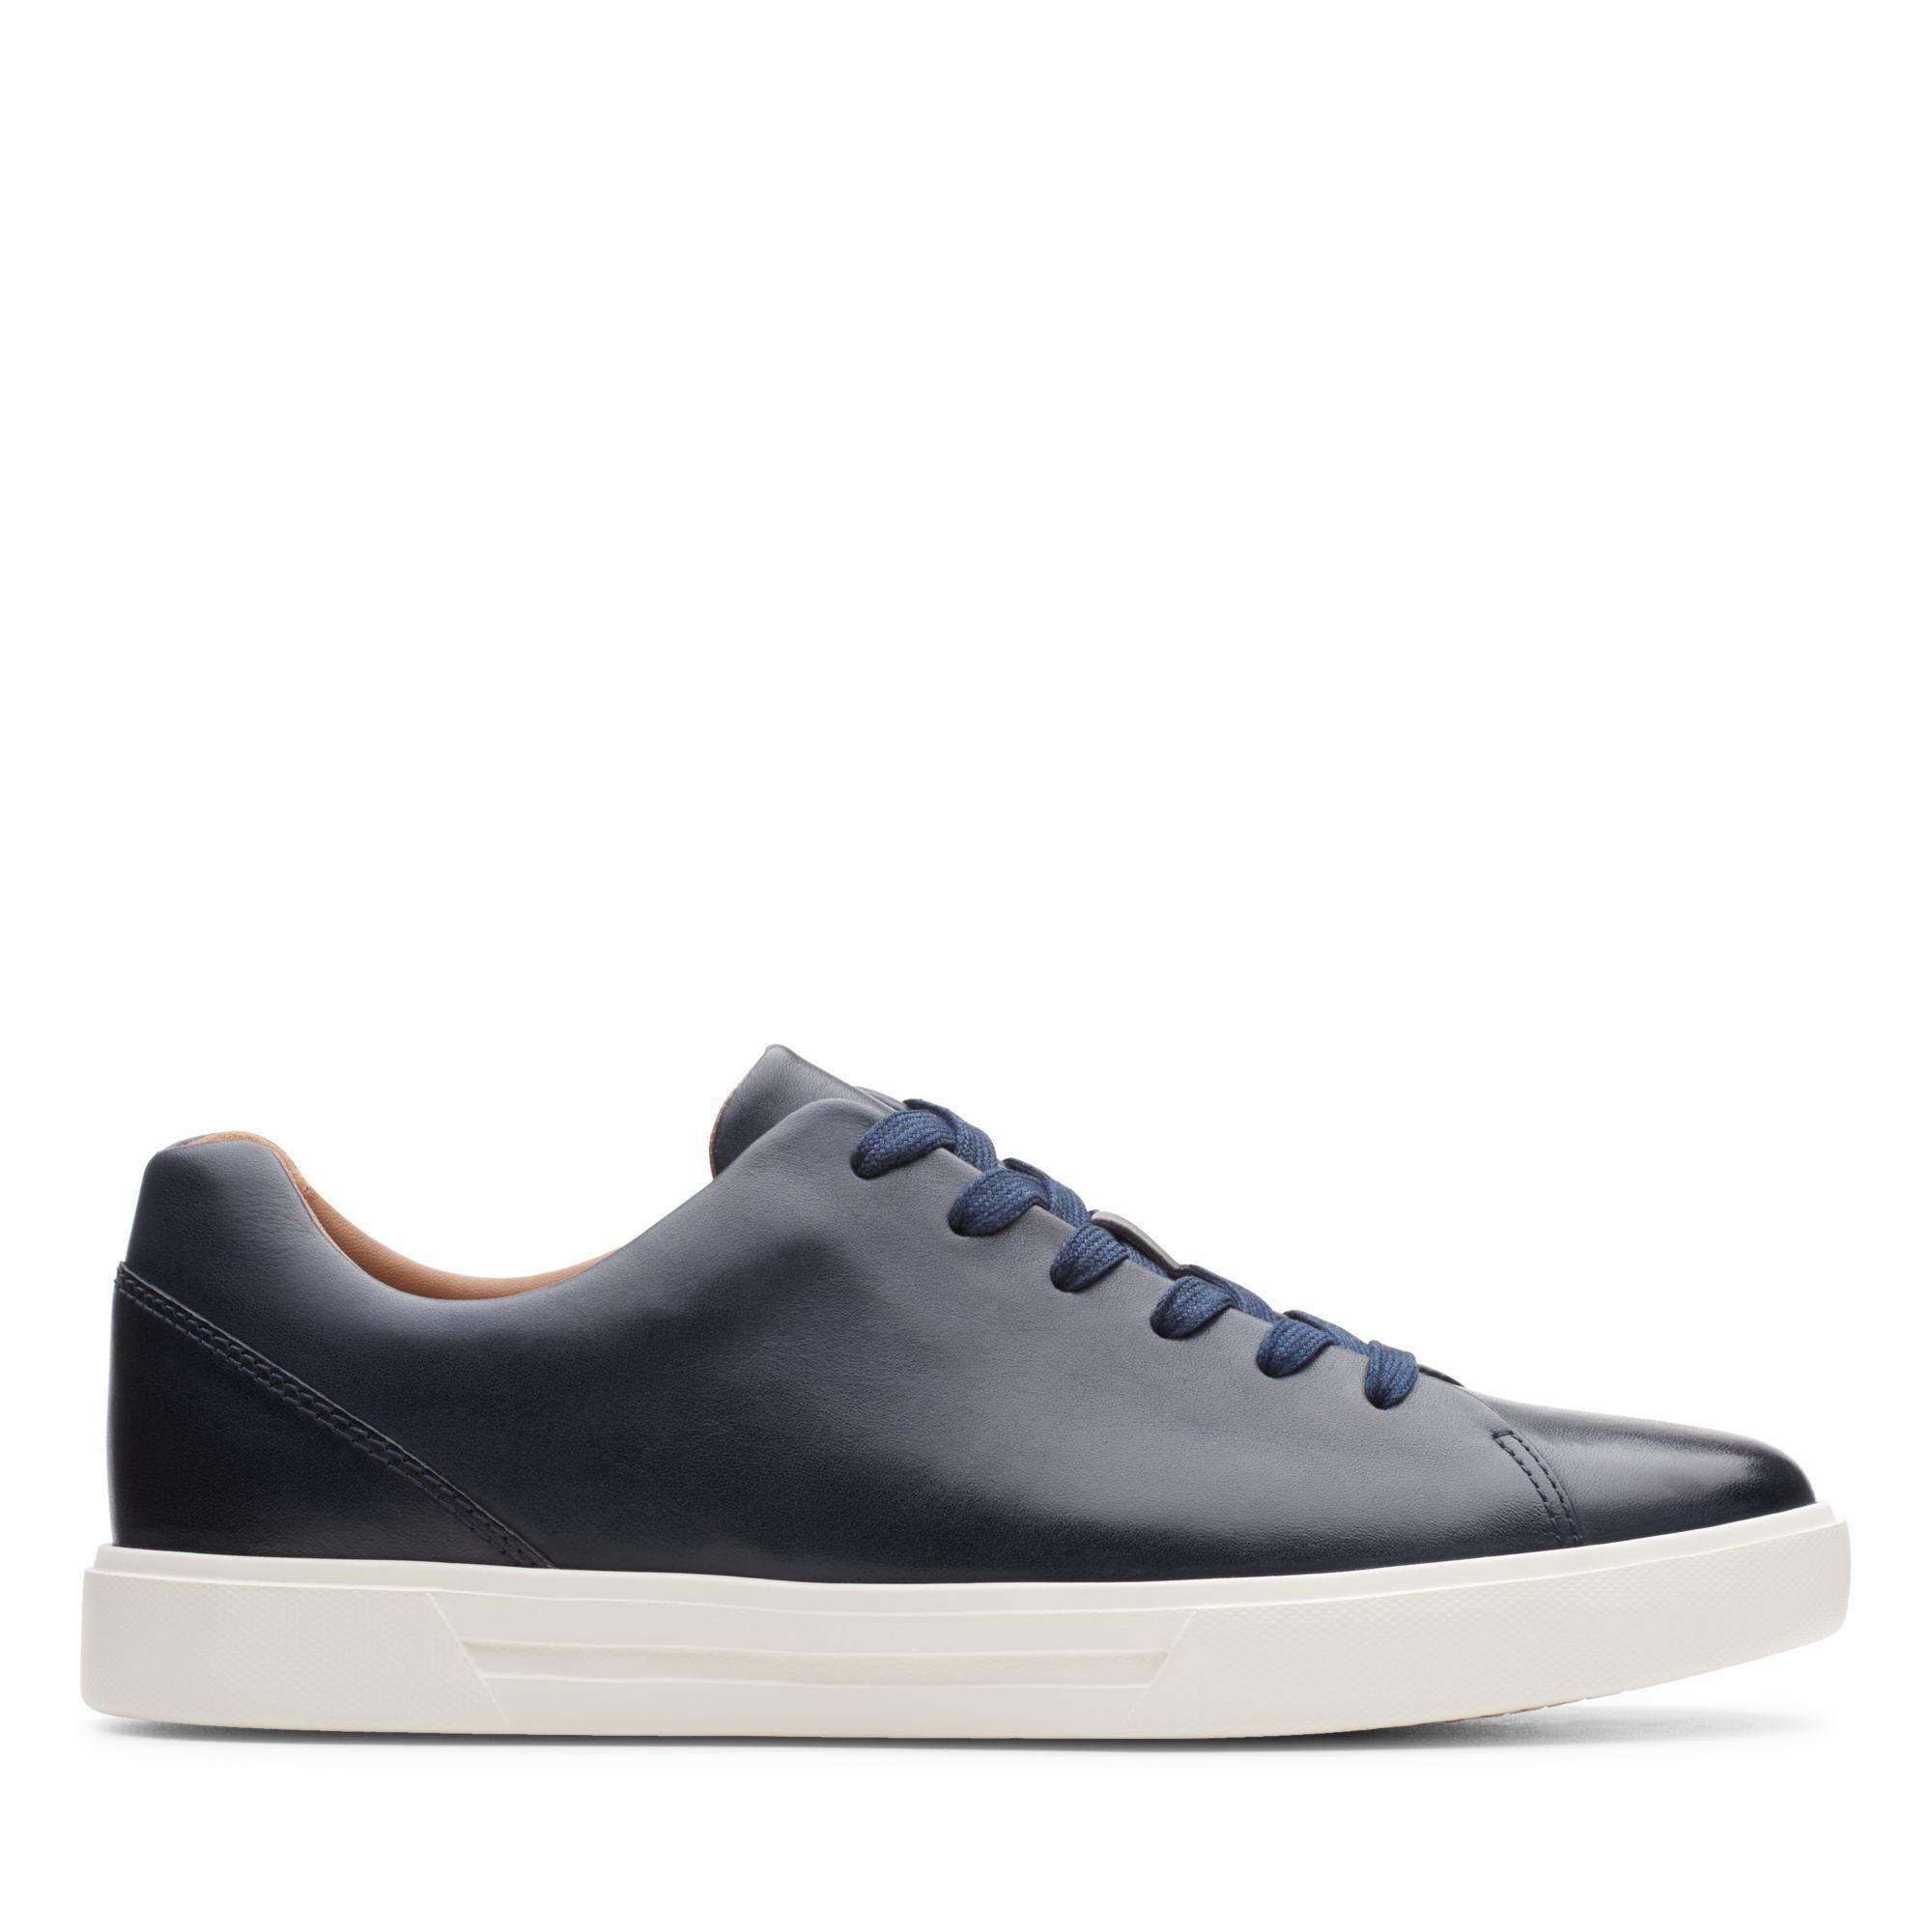 Men's Sneakers | Clarks